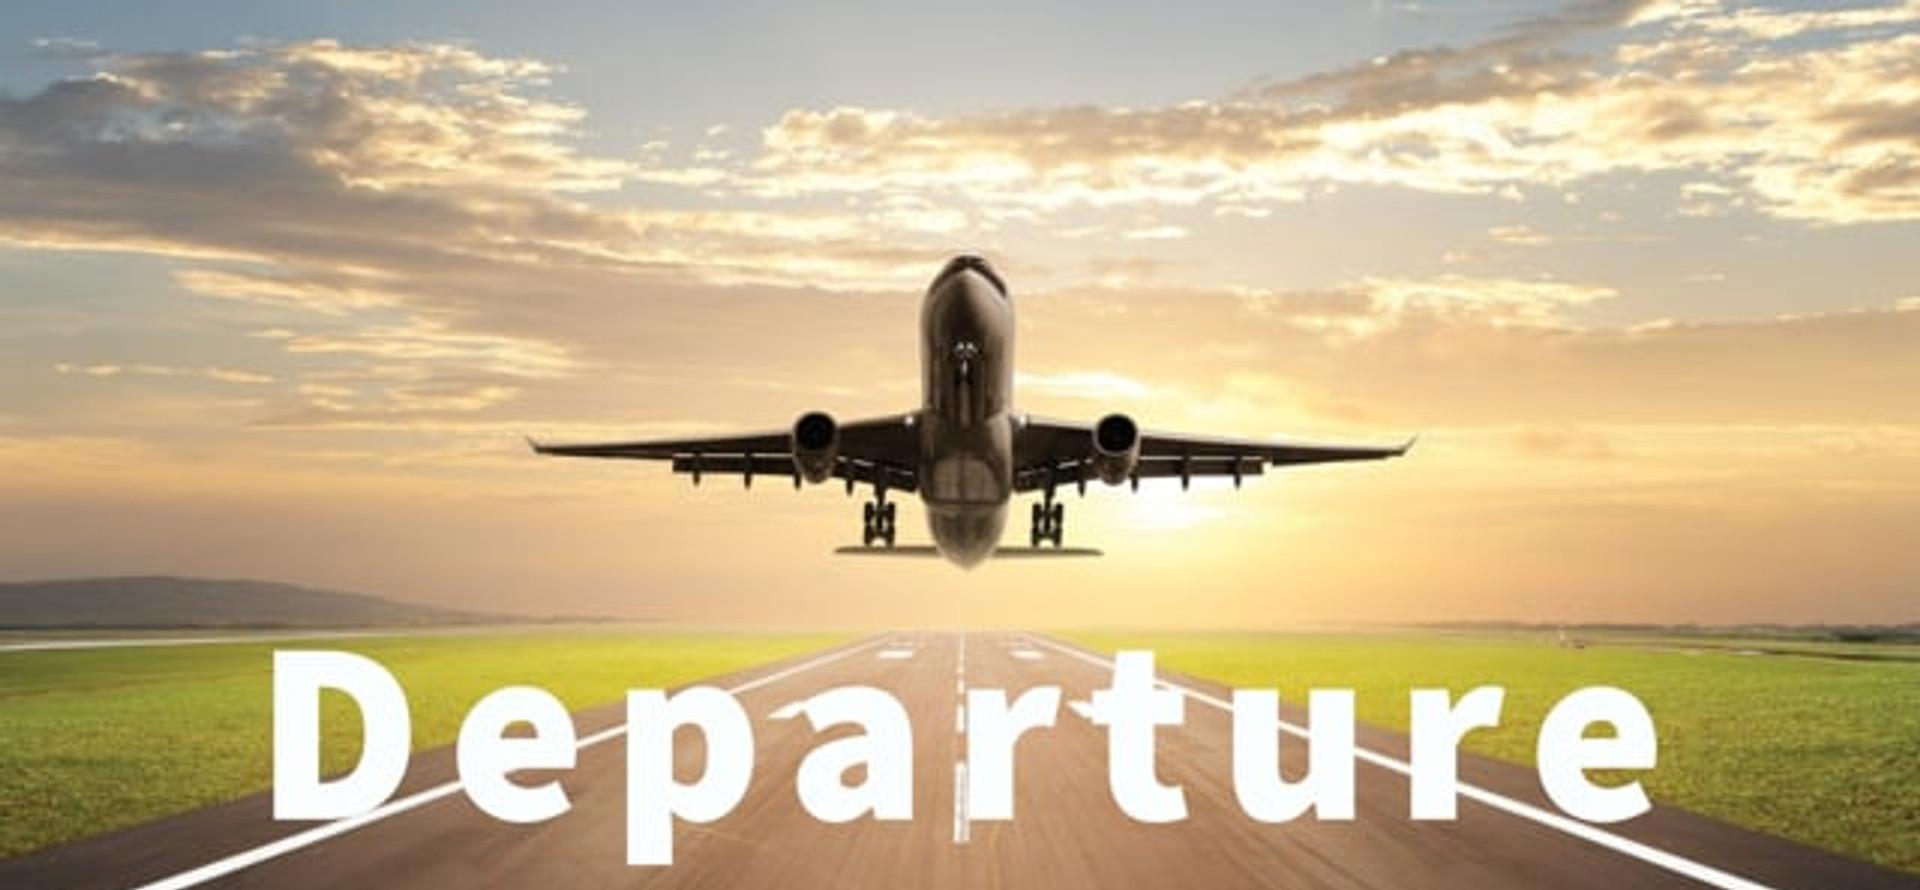 Departure Part 4